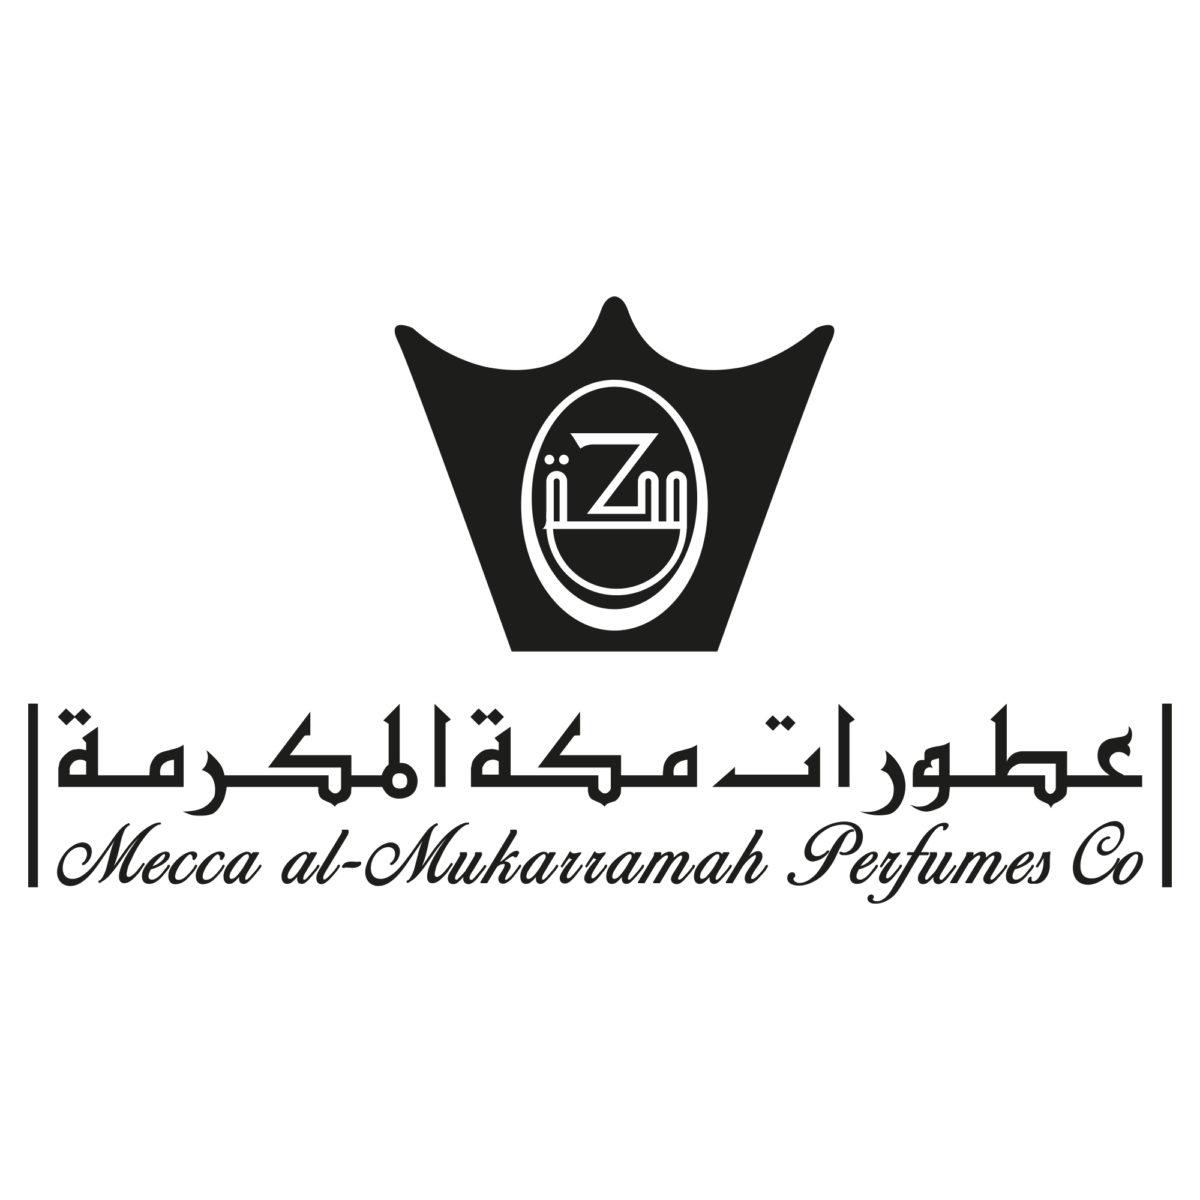 Mecca Al-Mukarama Perfumes